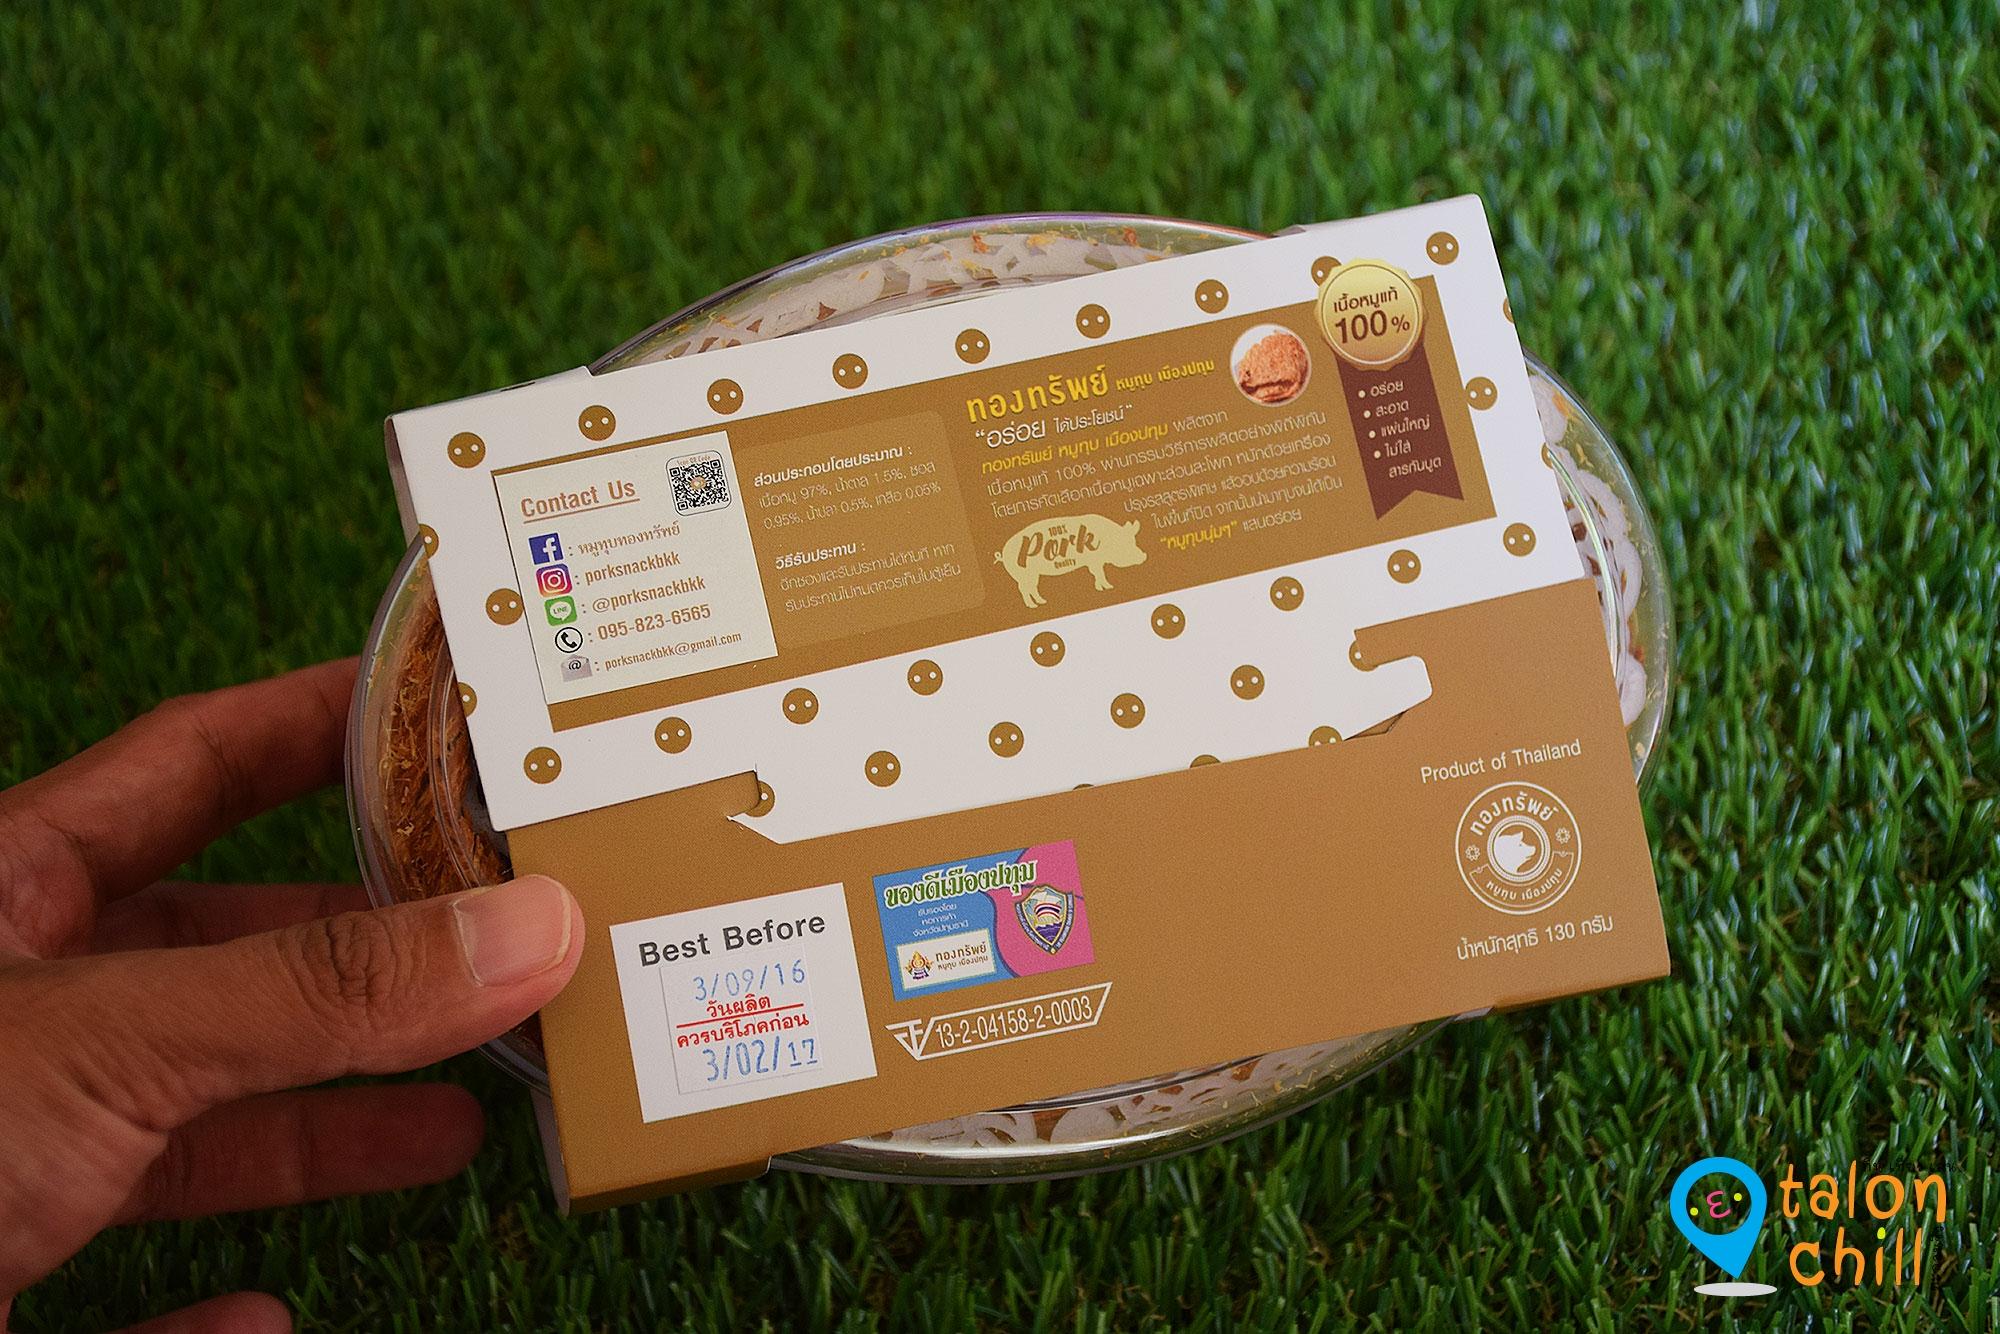 [รีวิว] หมูทุบทองทรัพย์ Premium Grade ทำจากเนื้อหมูแท้ 100% อร่อยจริง ๆ นะ